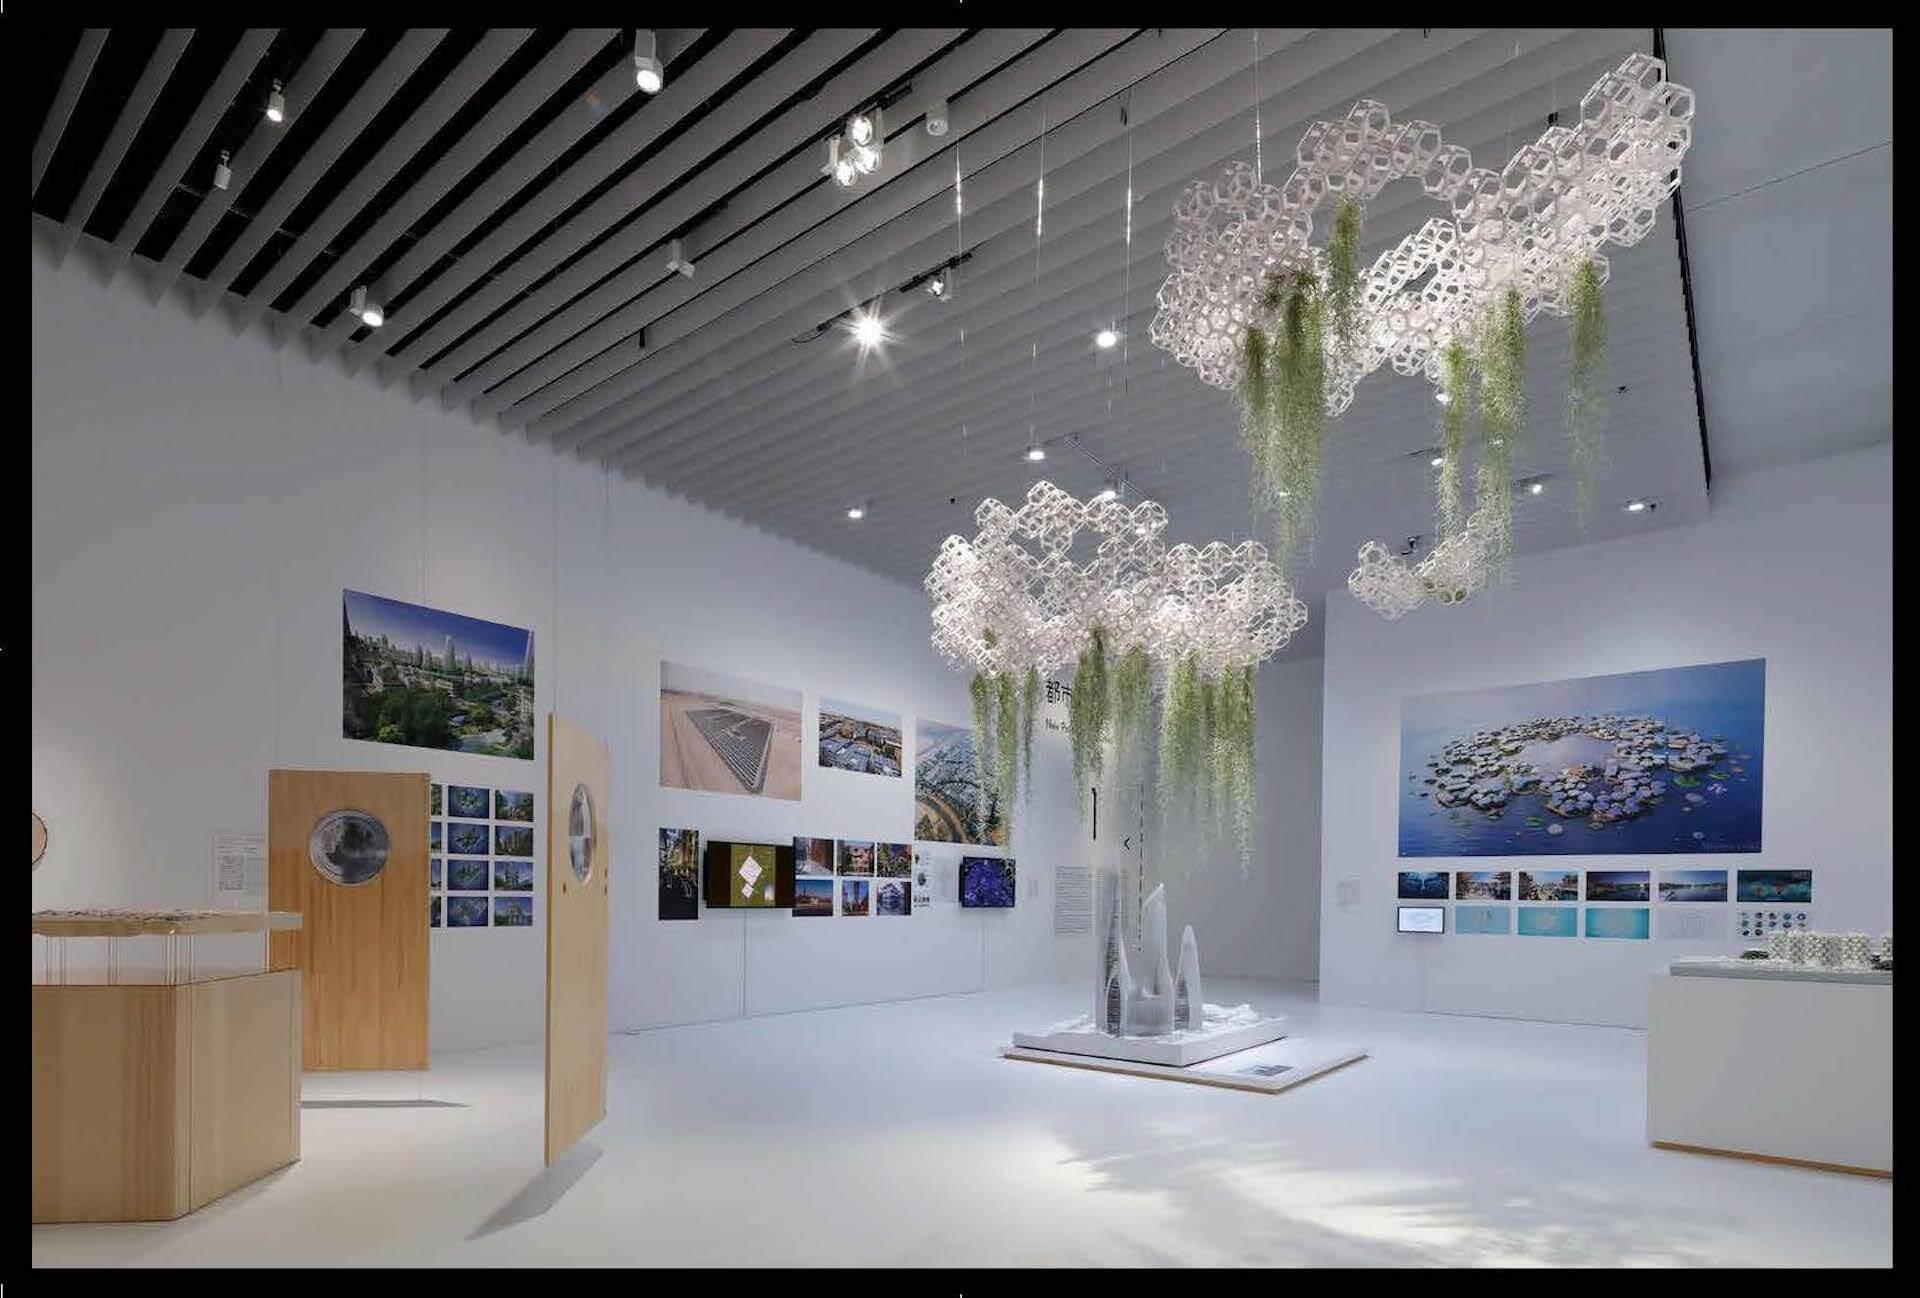 森美術館で開催中<未来と芸術展:AI、ロボット、都市、生命>の公式図録『未来と芸術 Future and the Arts』が発売中! ac200120_futureandthearts_05